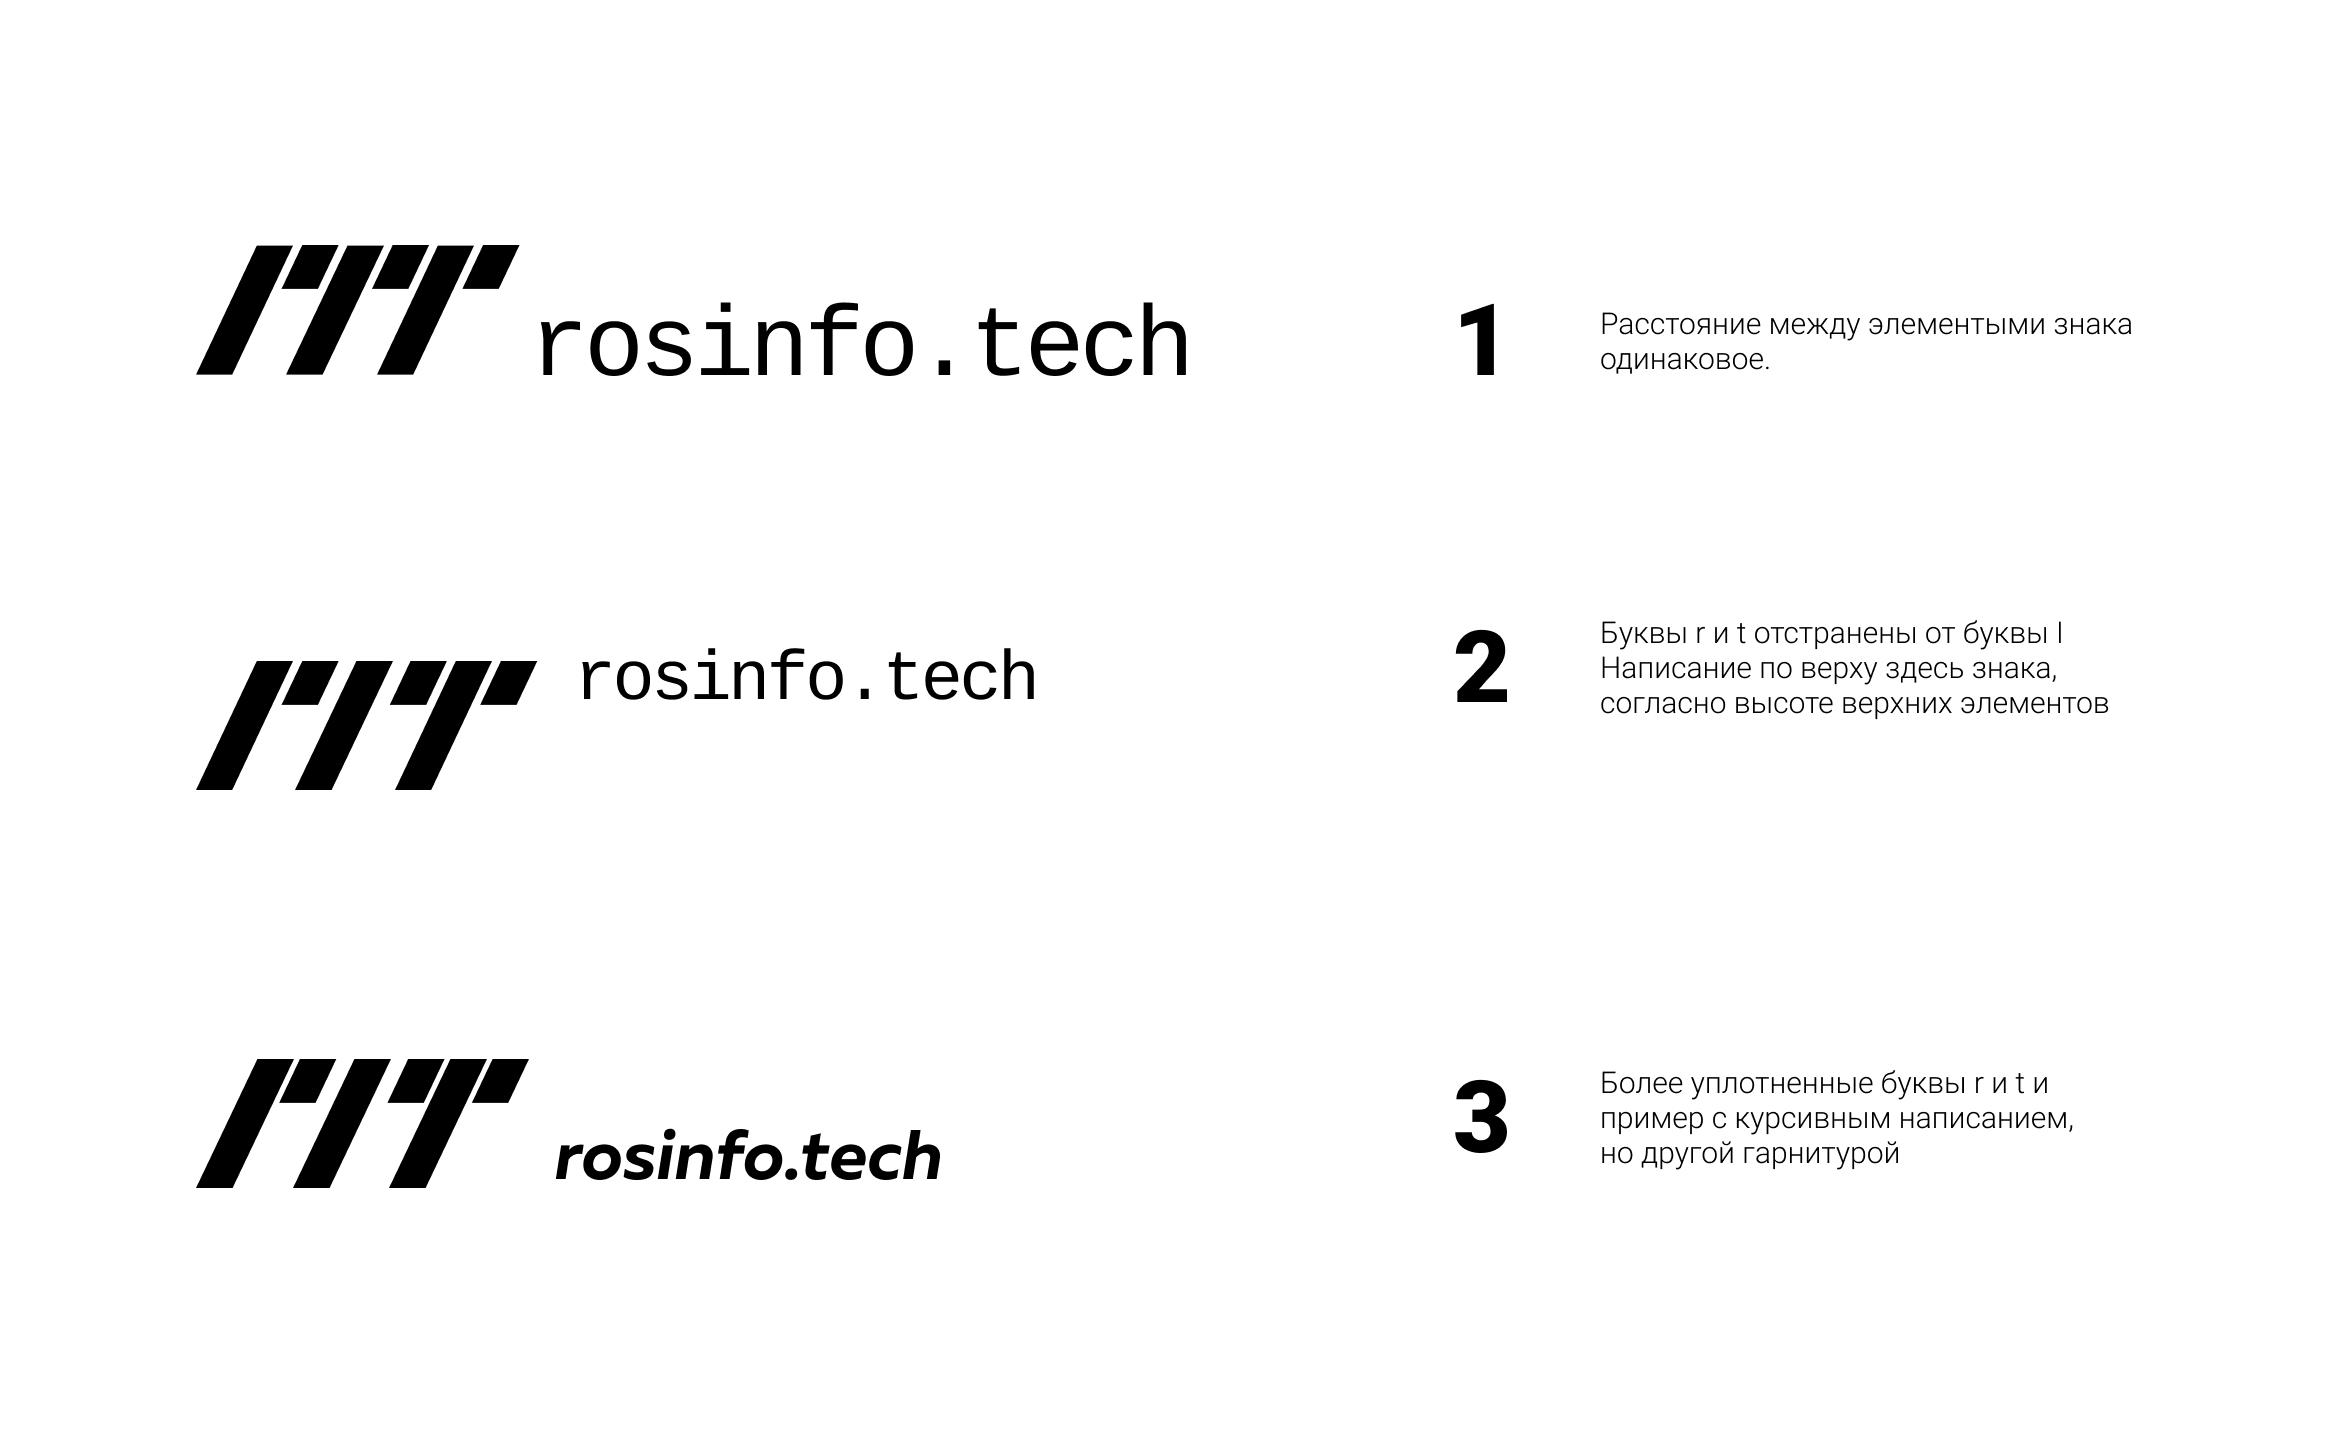 Разработка пакета айдентики rosinfo.tech фото f_2915e2b127f02ff3.jpg